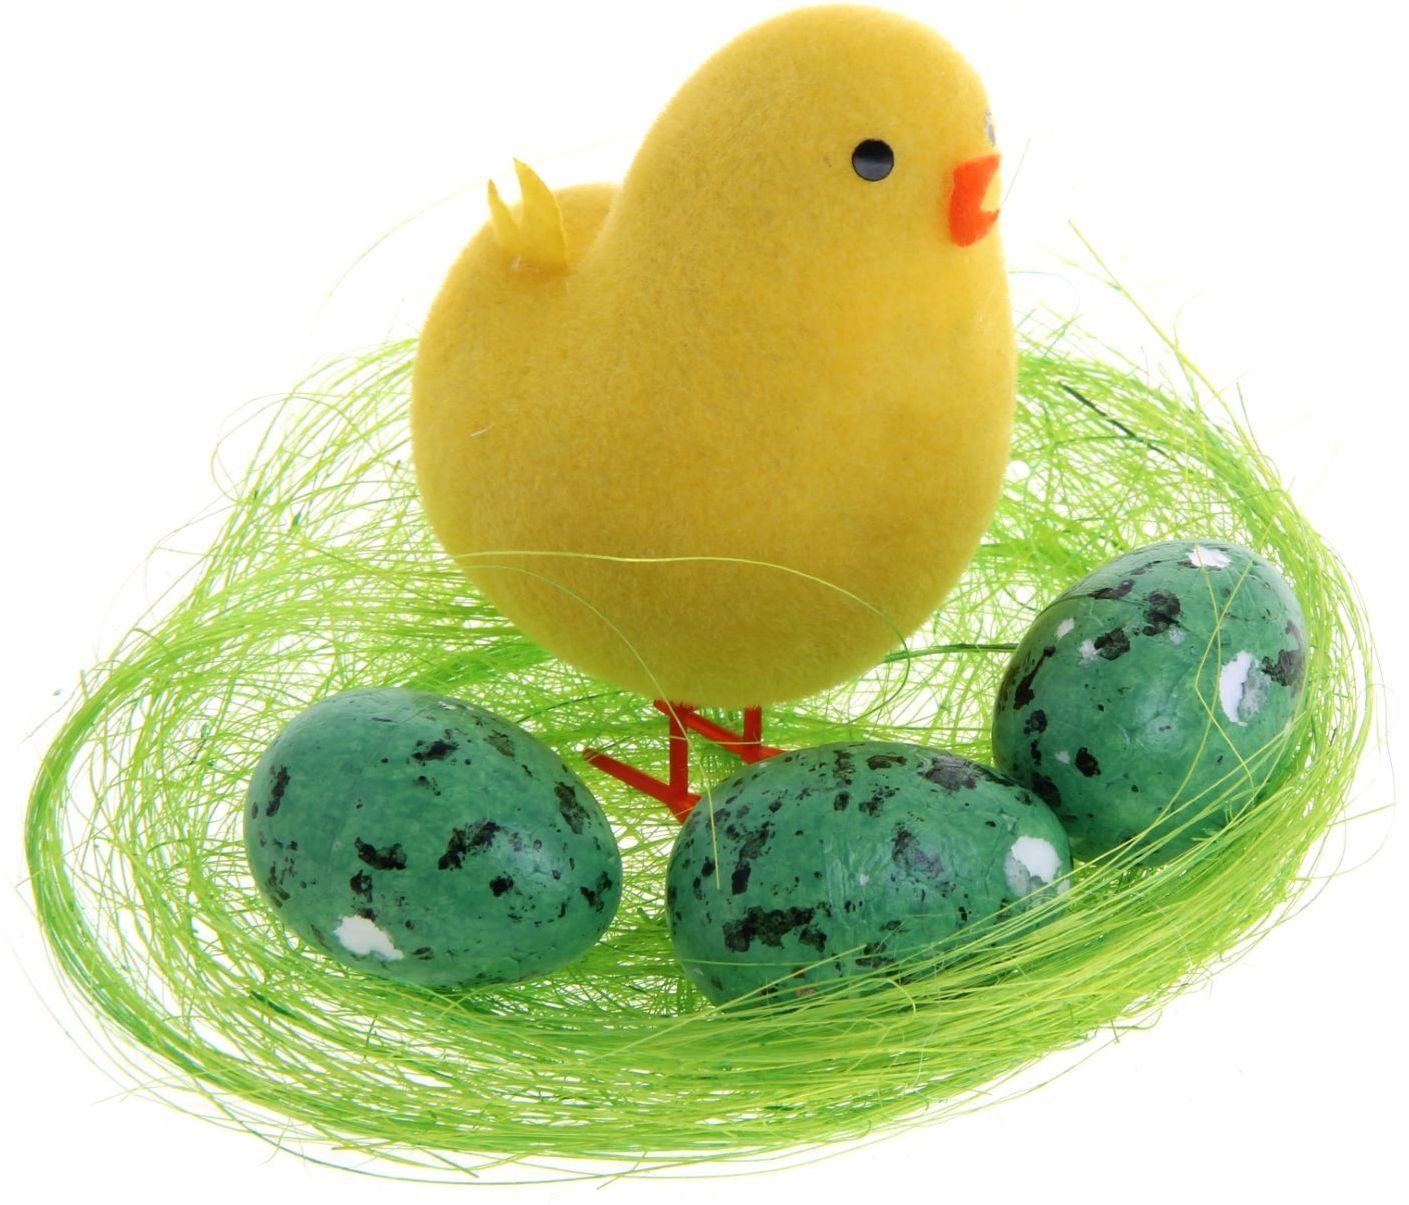 Сувенир пасхальный Sima-land Цыплёнок на травке и три яйца, 6 х 6 х 10 см969681Дарить подарки на Пасху – это такая же традиция, как красить яйца и выпекать куличи. Презенты вдвойне приятнее, если они несут в себе сакральный смысл и имеют какое-то значение.Сувенир Цыплёнок на травке и три яйца, цвета МИКС - это символ возрождения и непрерывности жизни. С его помощью вы сможете украсить жилище, преподнести его близкому человеку или использовать при сервировке стола всю пасхальную неделю. Кроме того, пасхальные цыплята нравятся маленьким деткам.